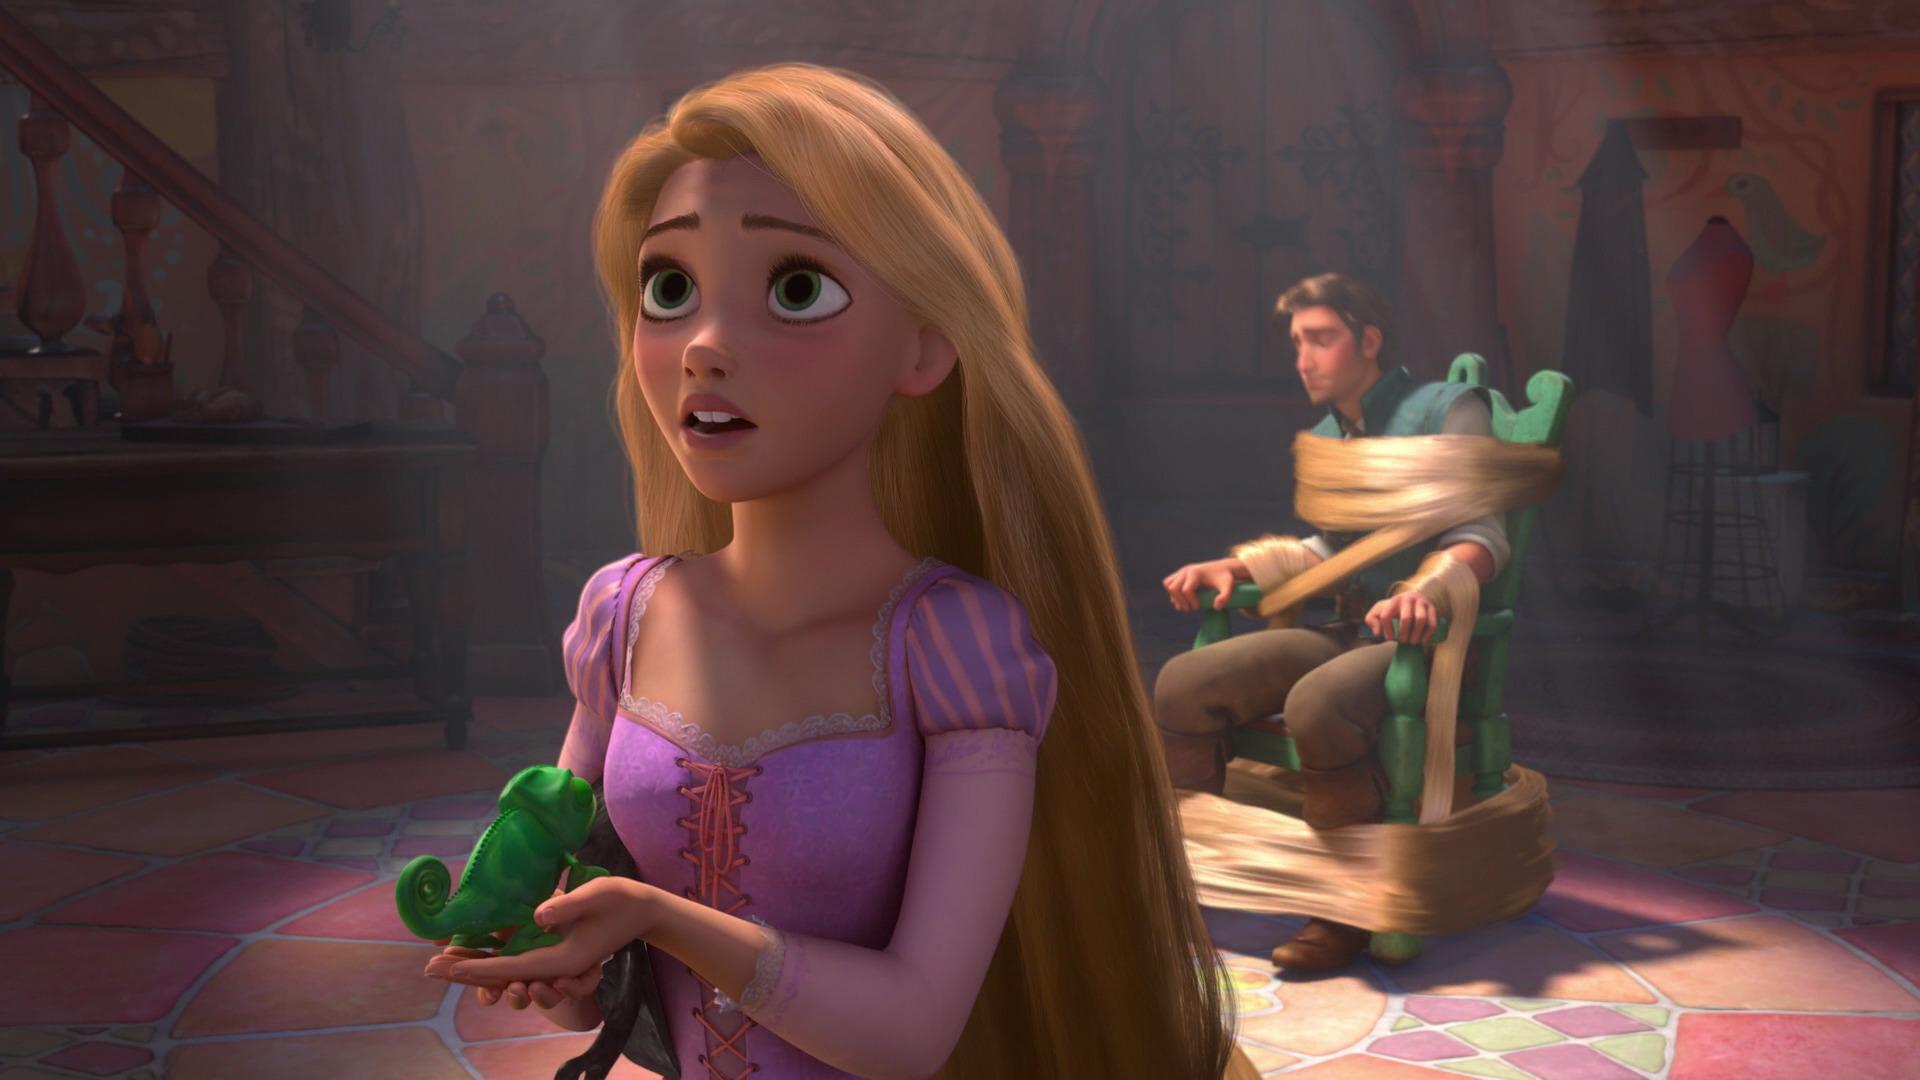 princess rapunzel images Princess Rapunzel   Meet Flynn Rider HD 1920x1080